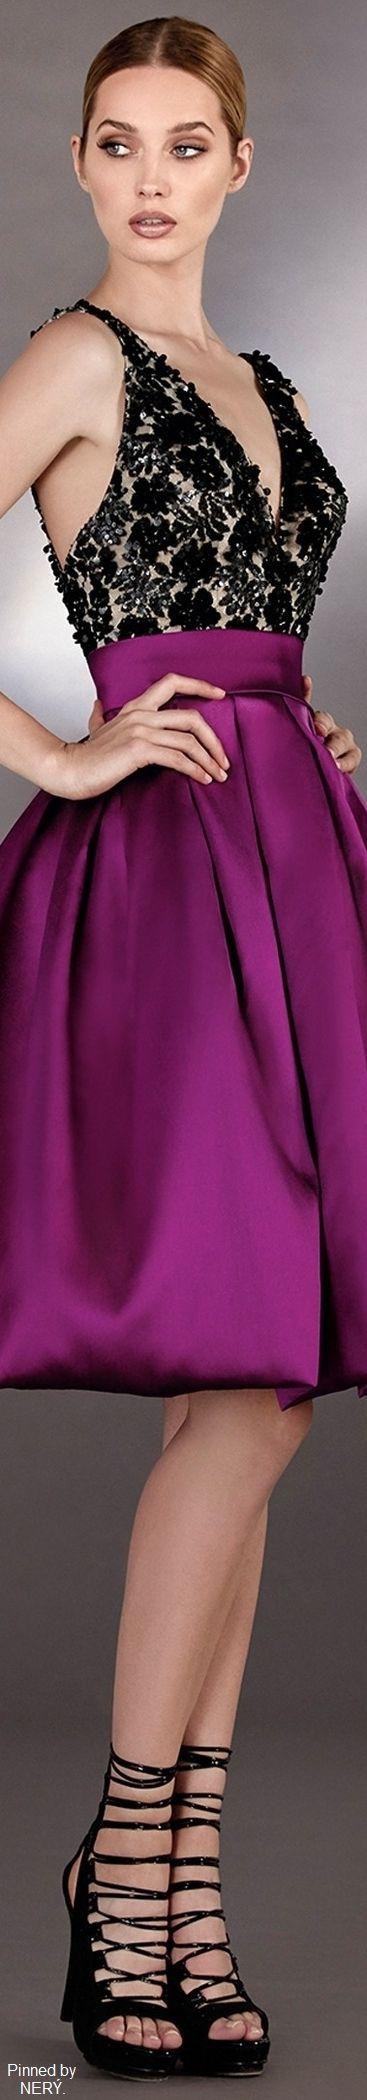 Vestidos de Fiesta - Colección 2013-2014 Hannibal Laguna | Hannibal ...